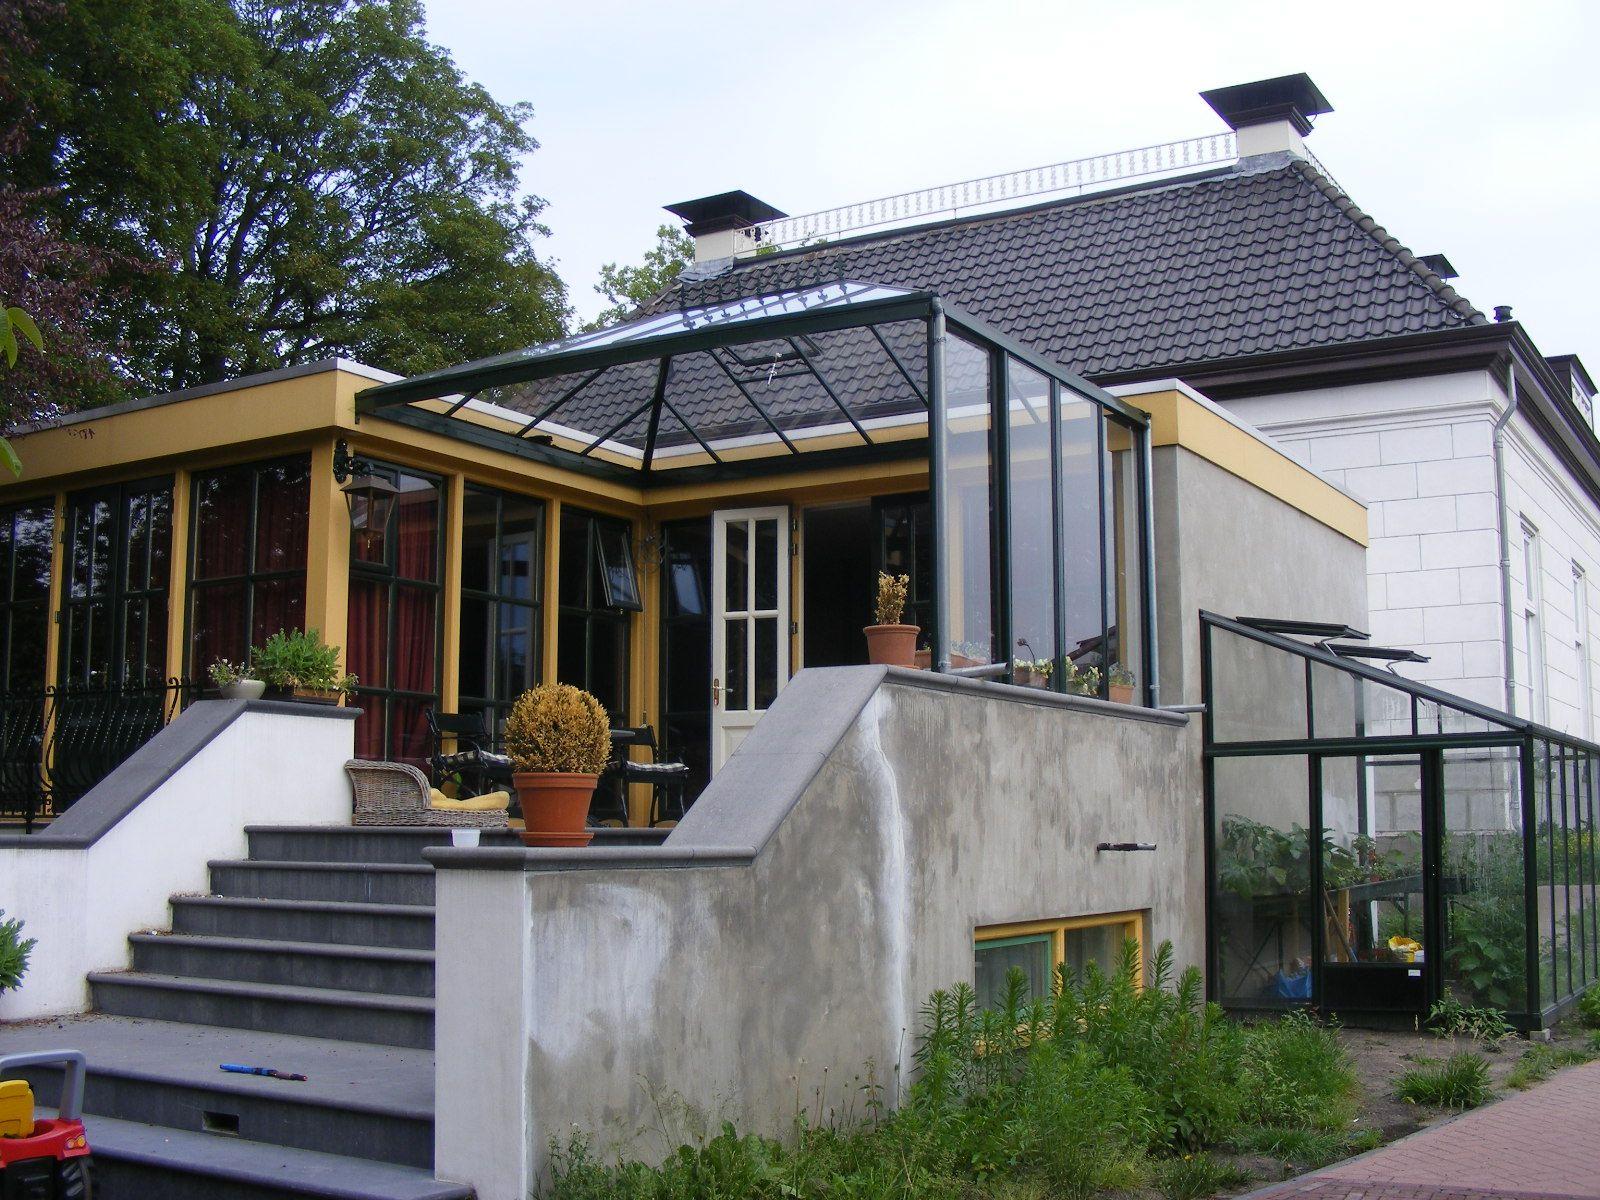 Perdok overkapping en aan de zijkant van het huis een perdok muurkas overkappingen pinterest - Amenager een voorgerecht van het huis ...